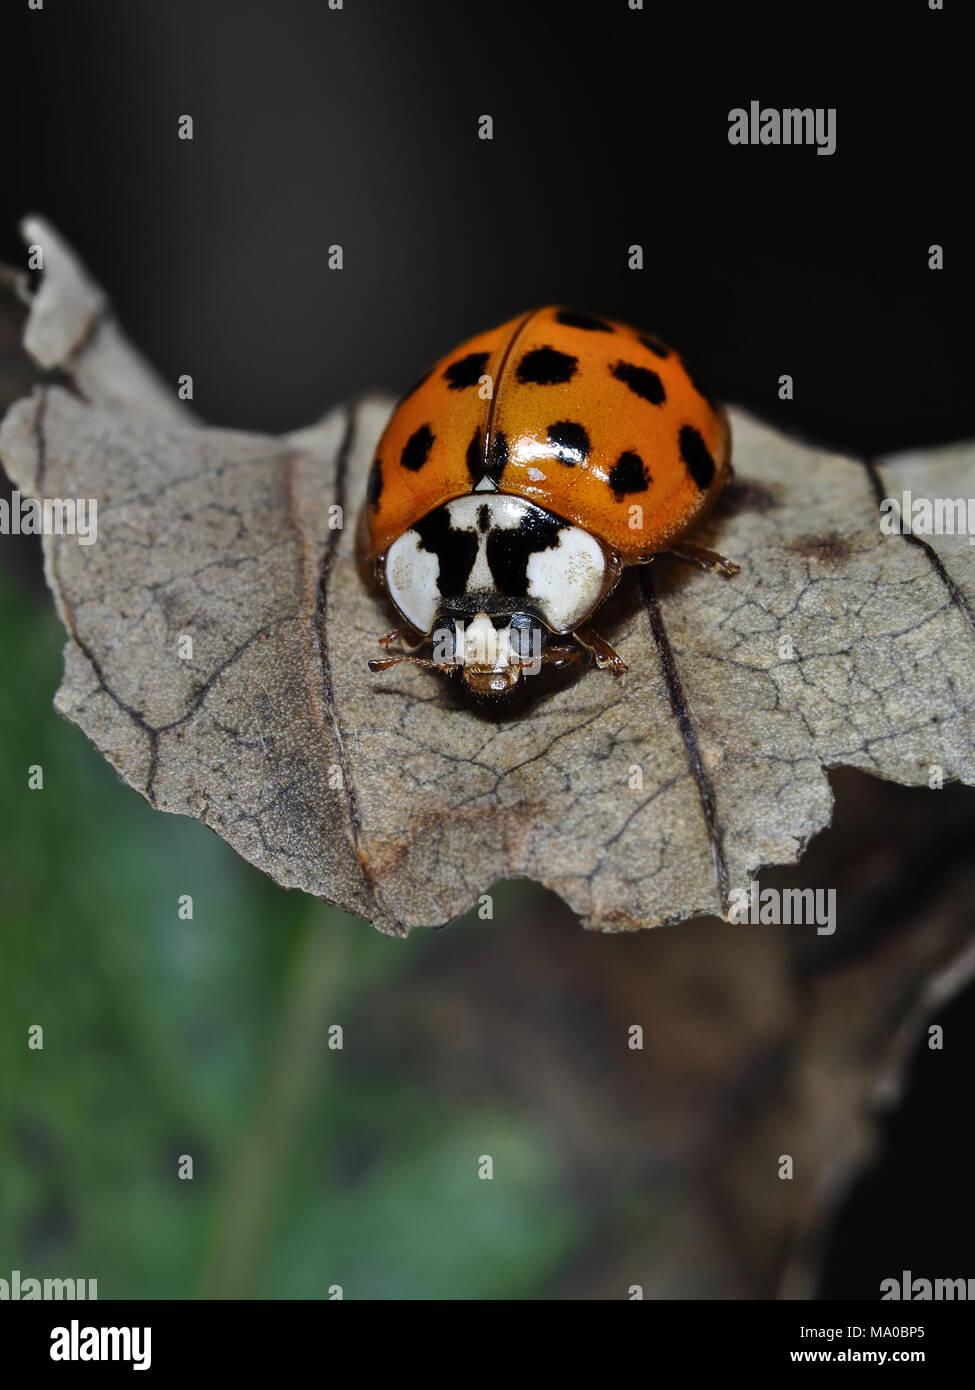 Asiatische ladybeetle (Harmonia axyridis) auf ein Blatt, Nahaufnahme Stockbild